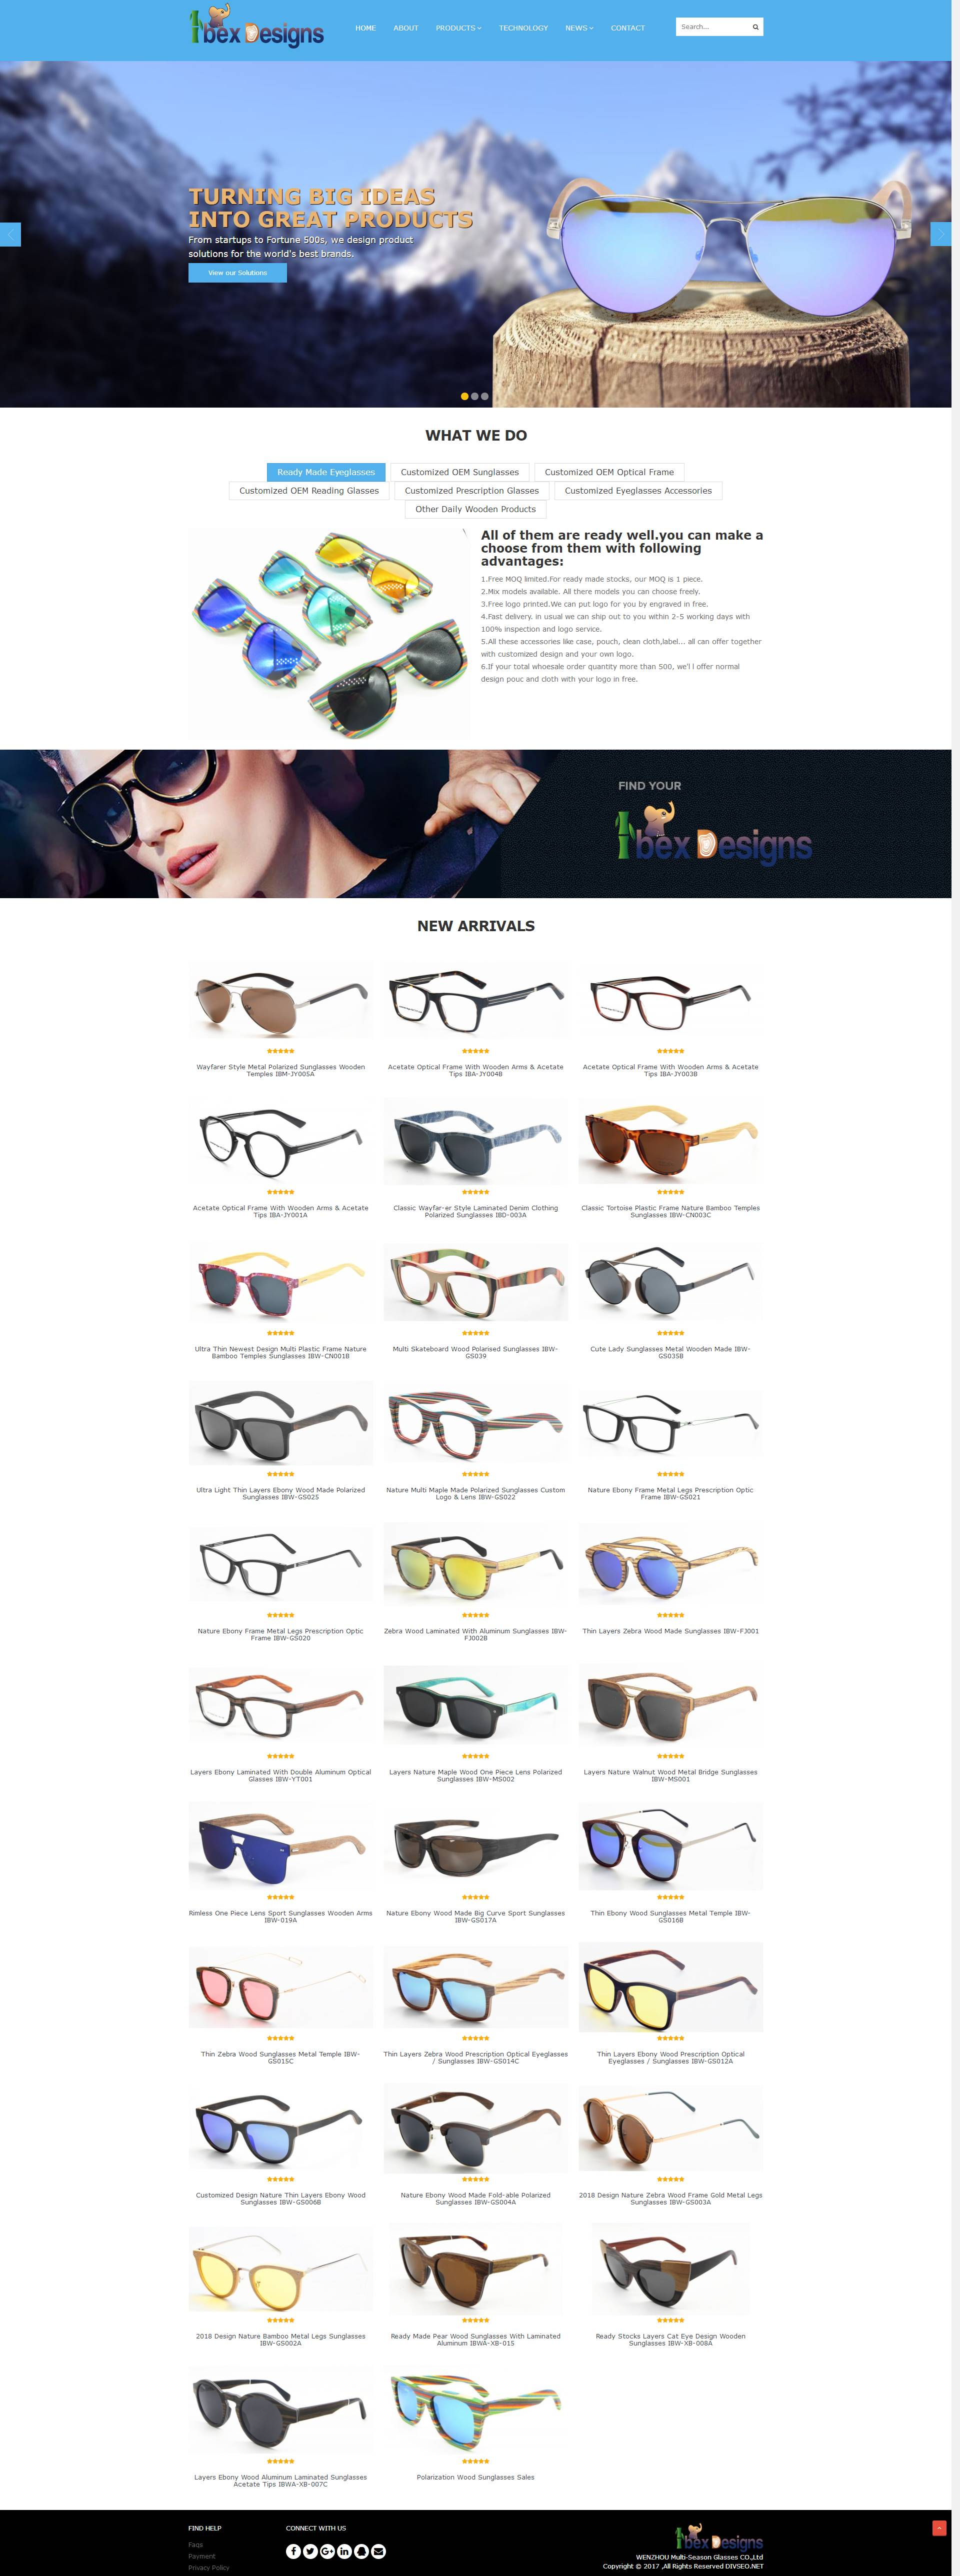 眼镜-ibex-design